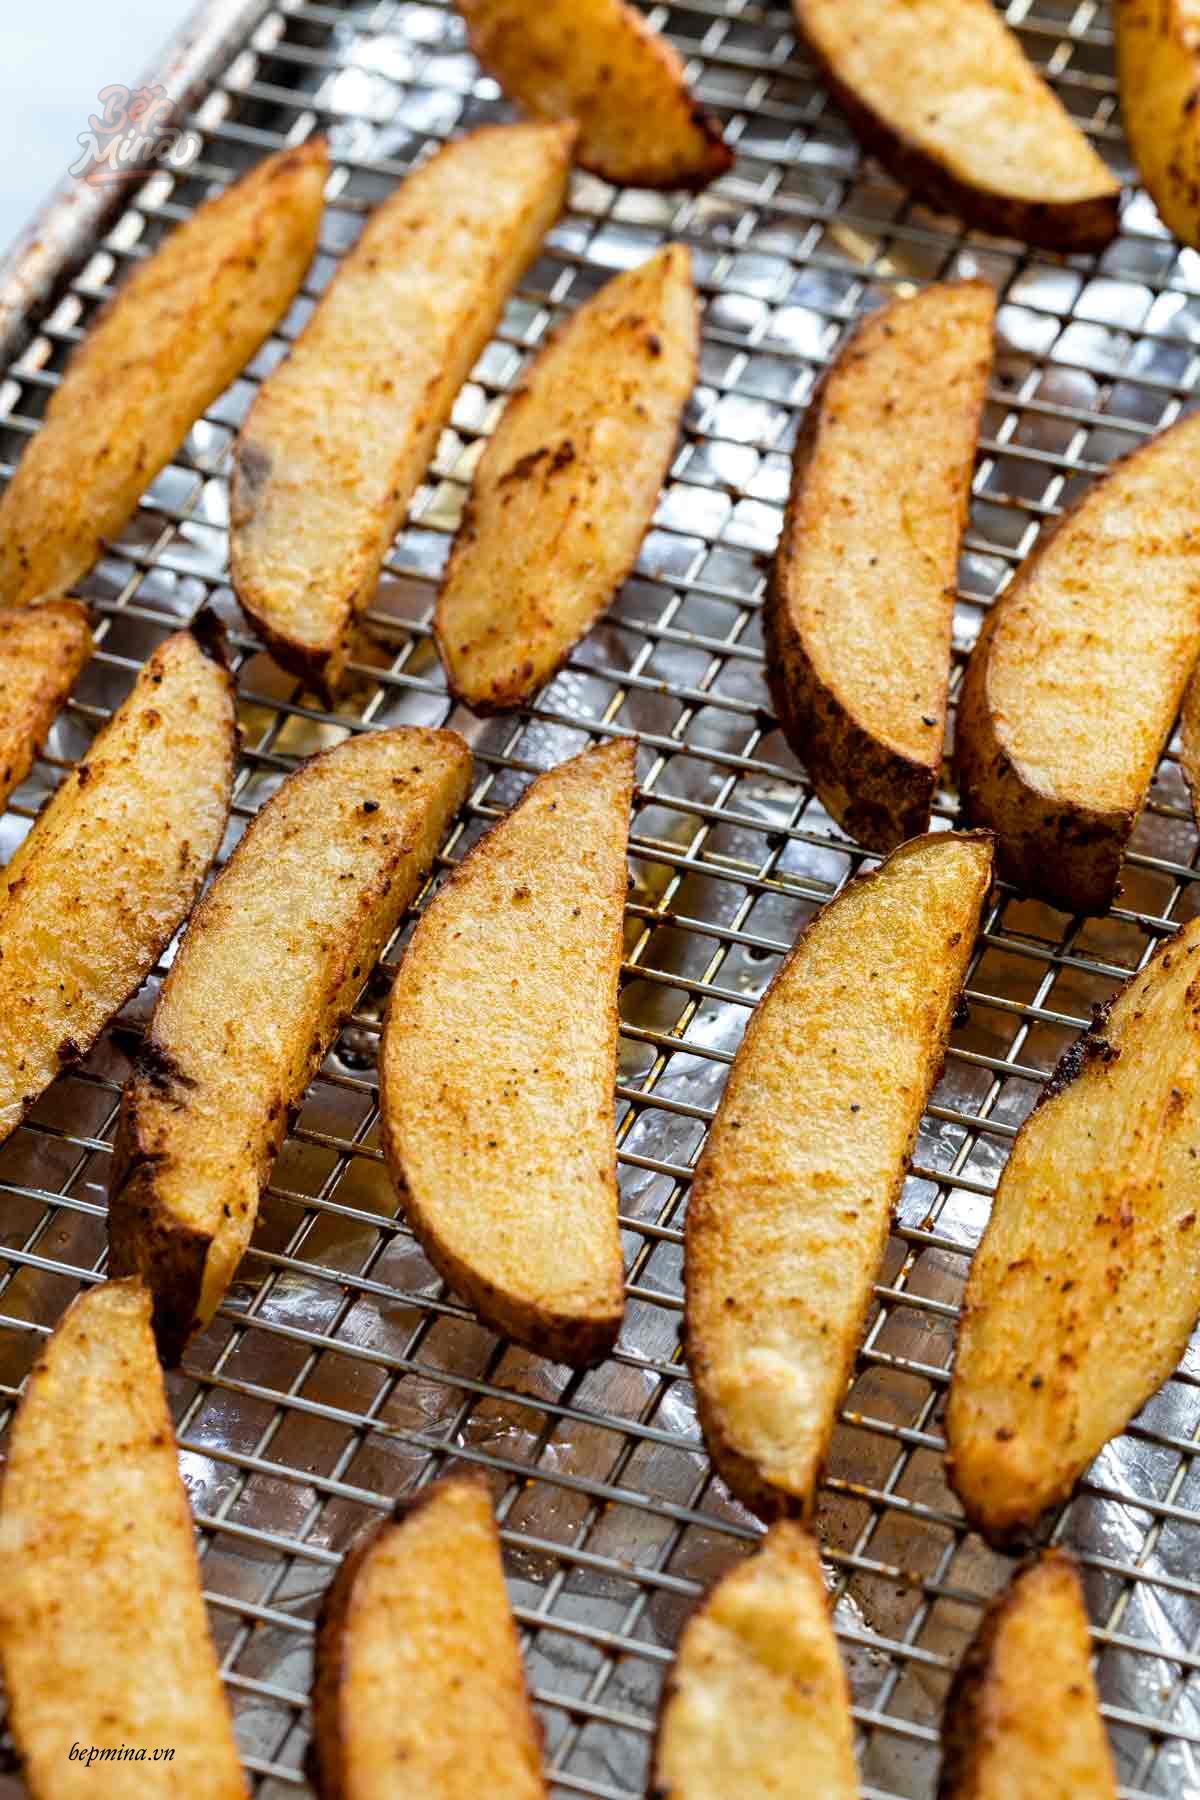 chiên khoai tây bằng lò nướng